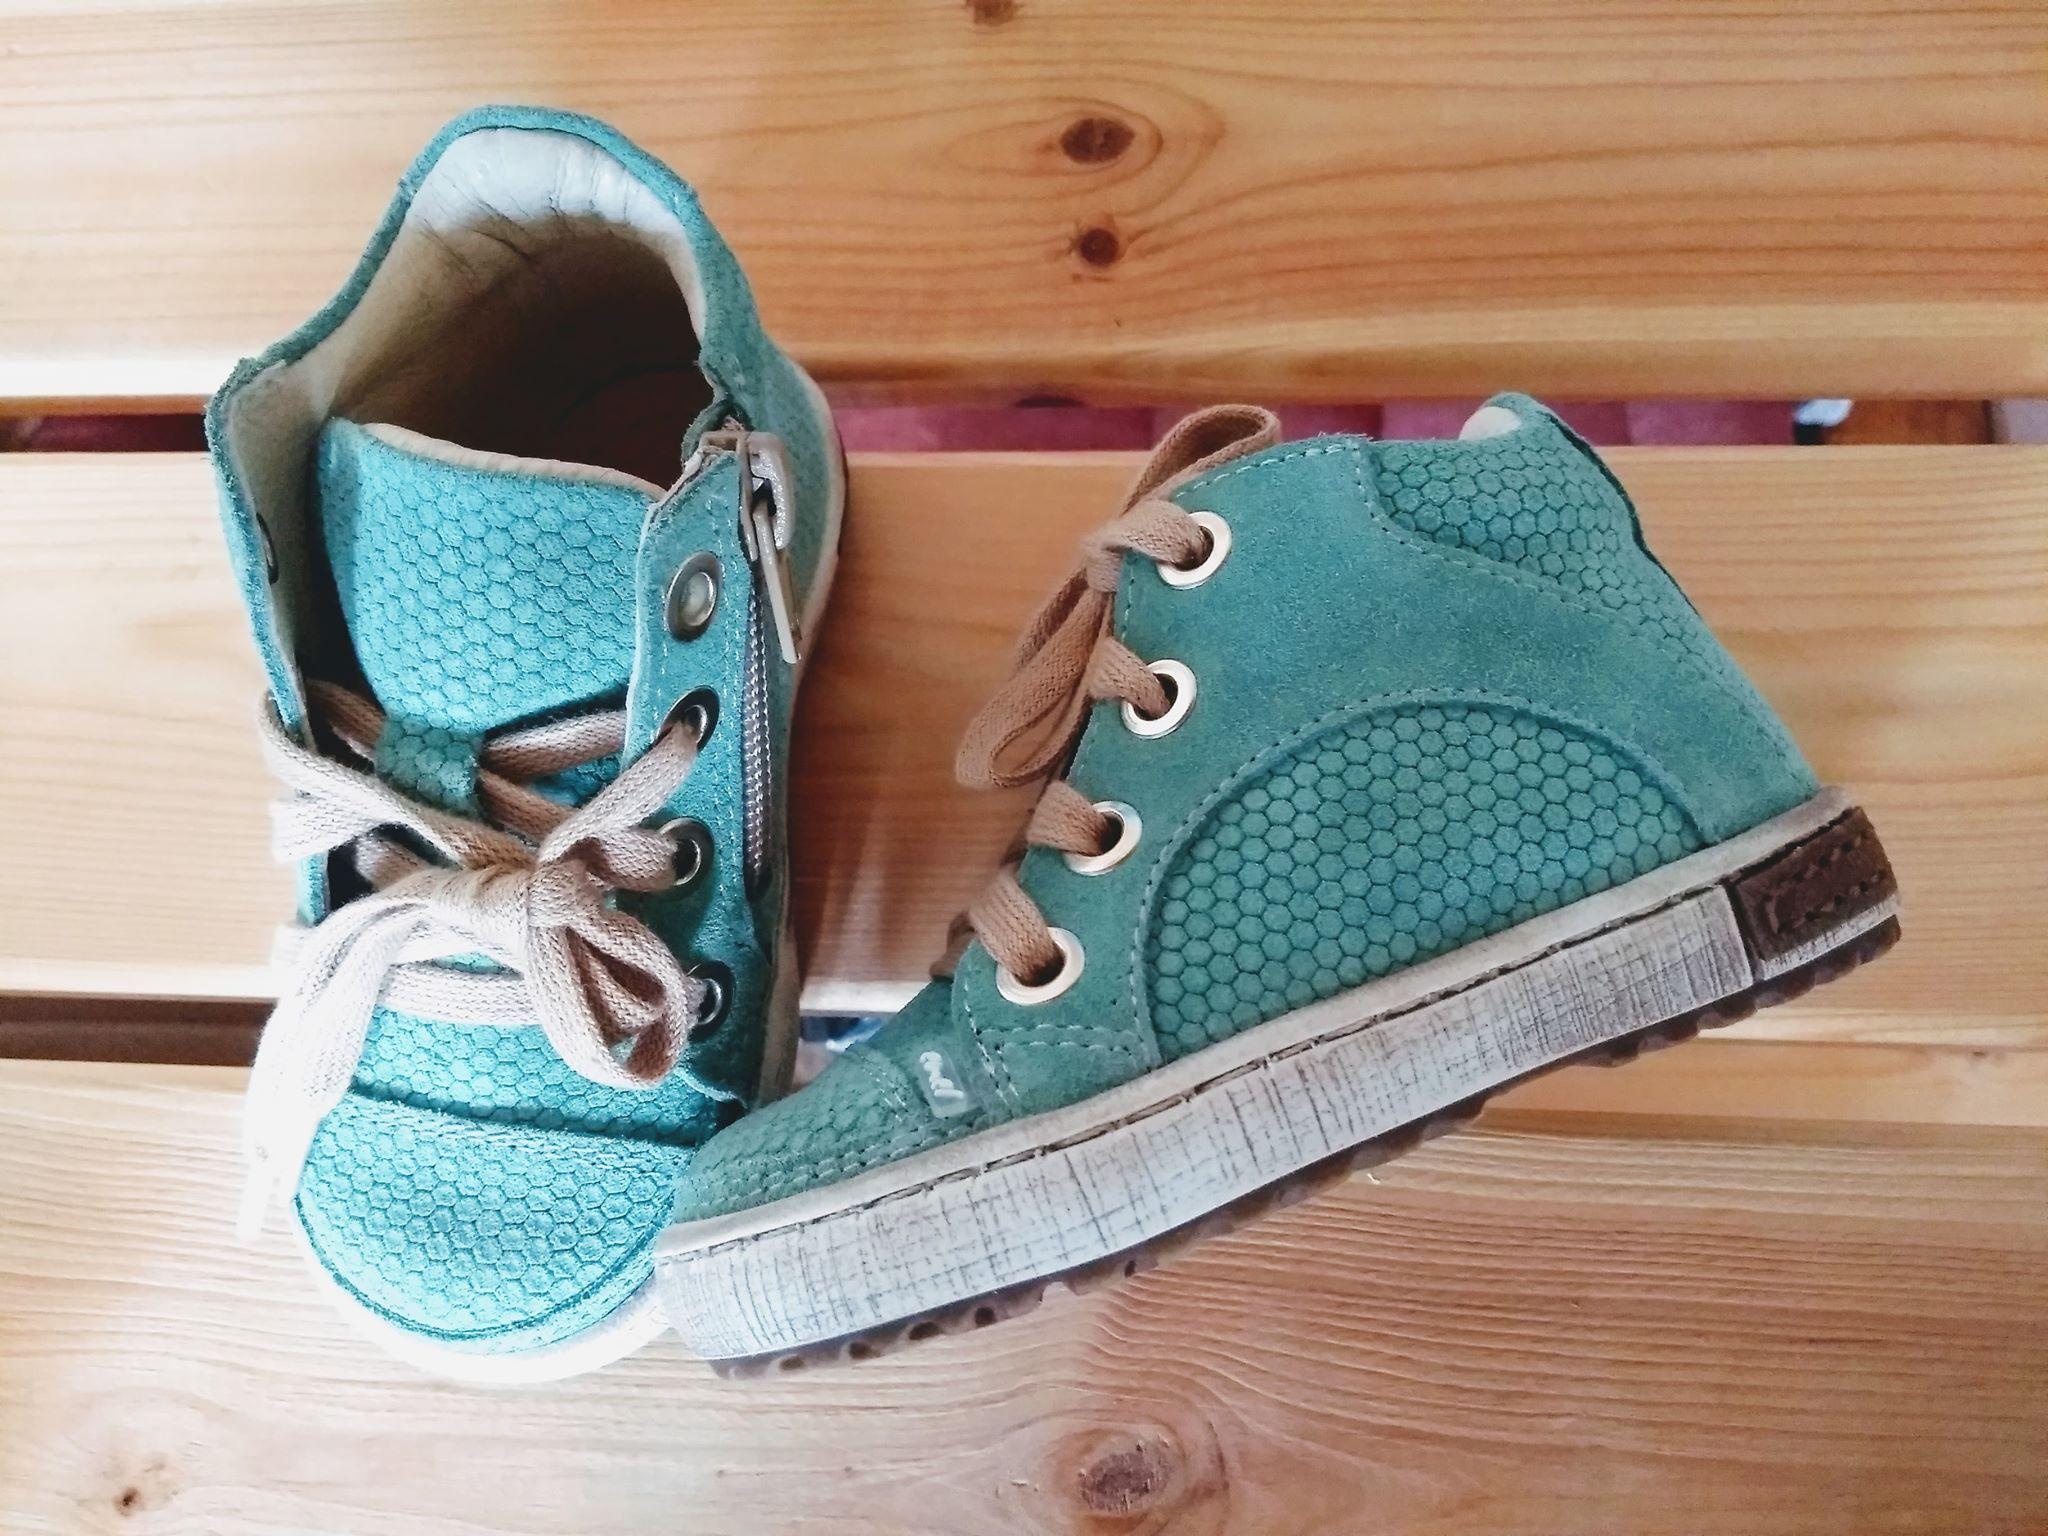 Buty Dla Dziecka Sznurowane Czy Na Rzepy Ktore Lepsze Sklep Krokodylek Kolbuszowa